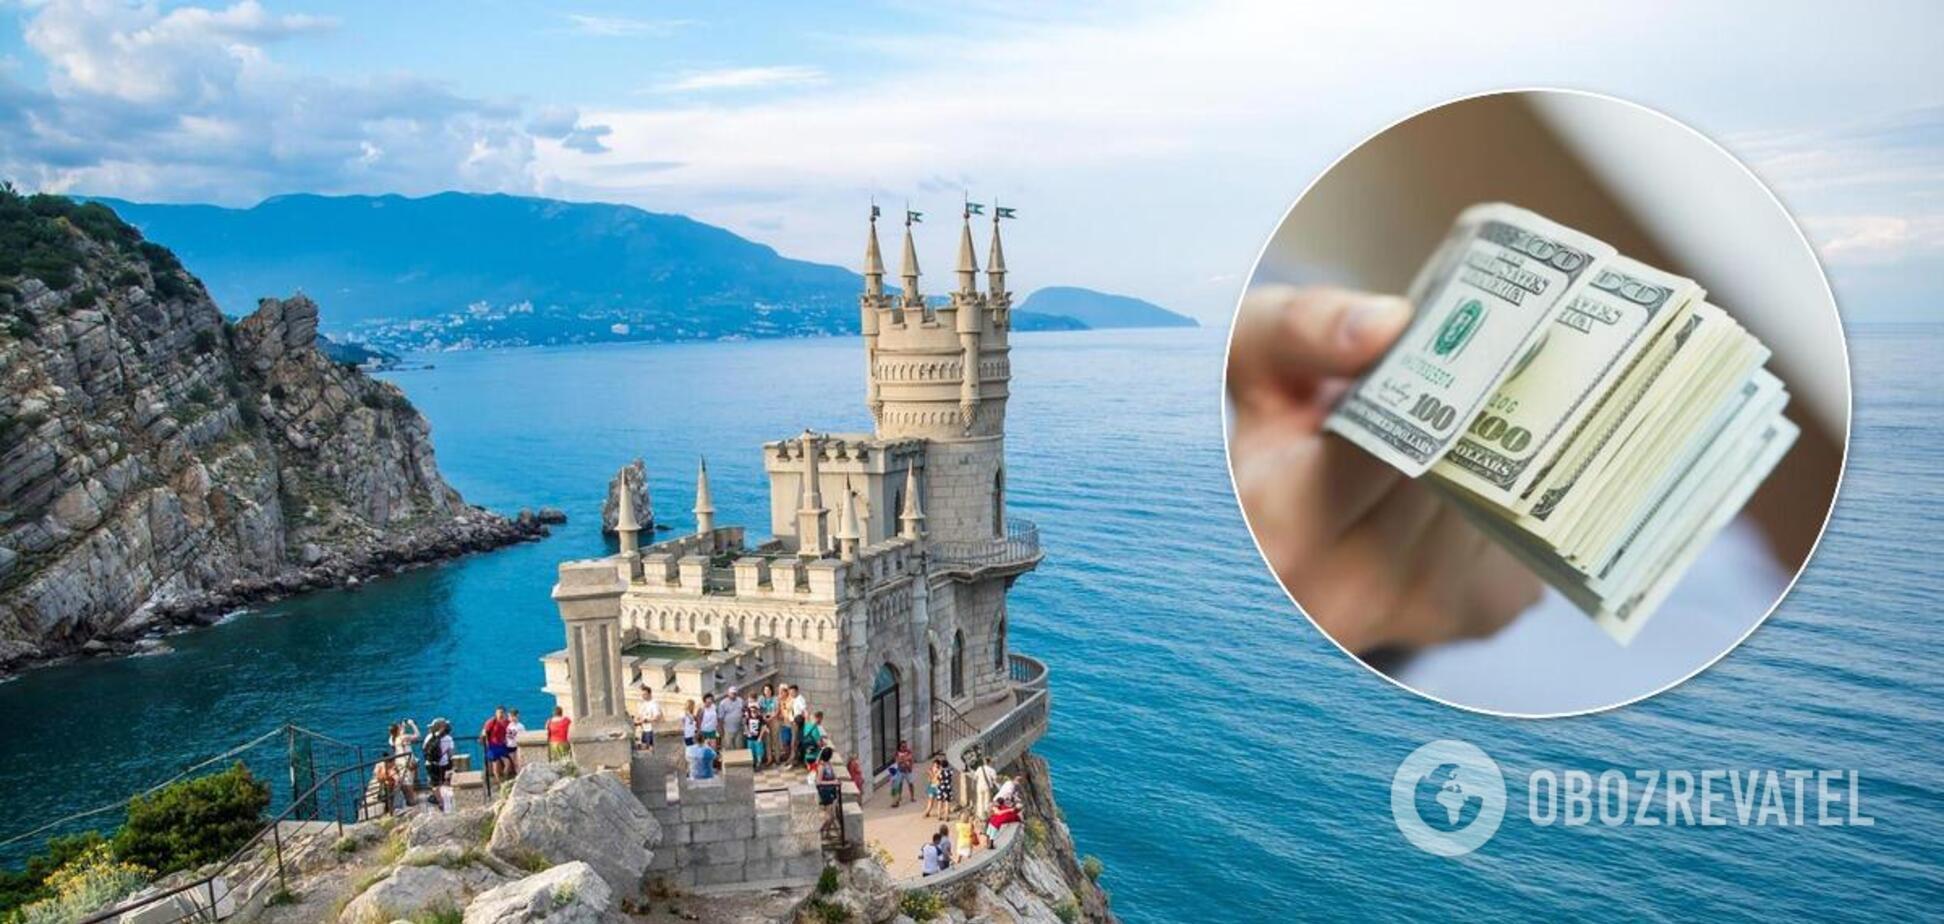 Готелі Криму установіли ціновий рекорд: відпочинок коштує дорожче, ніж у Туреччині